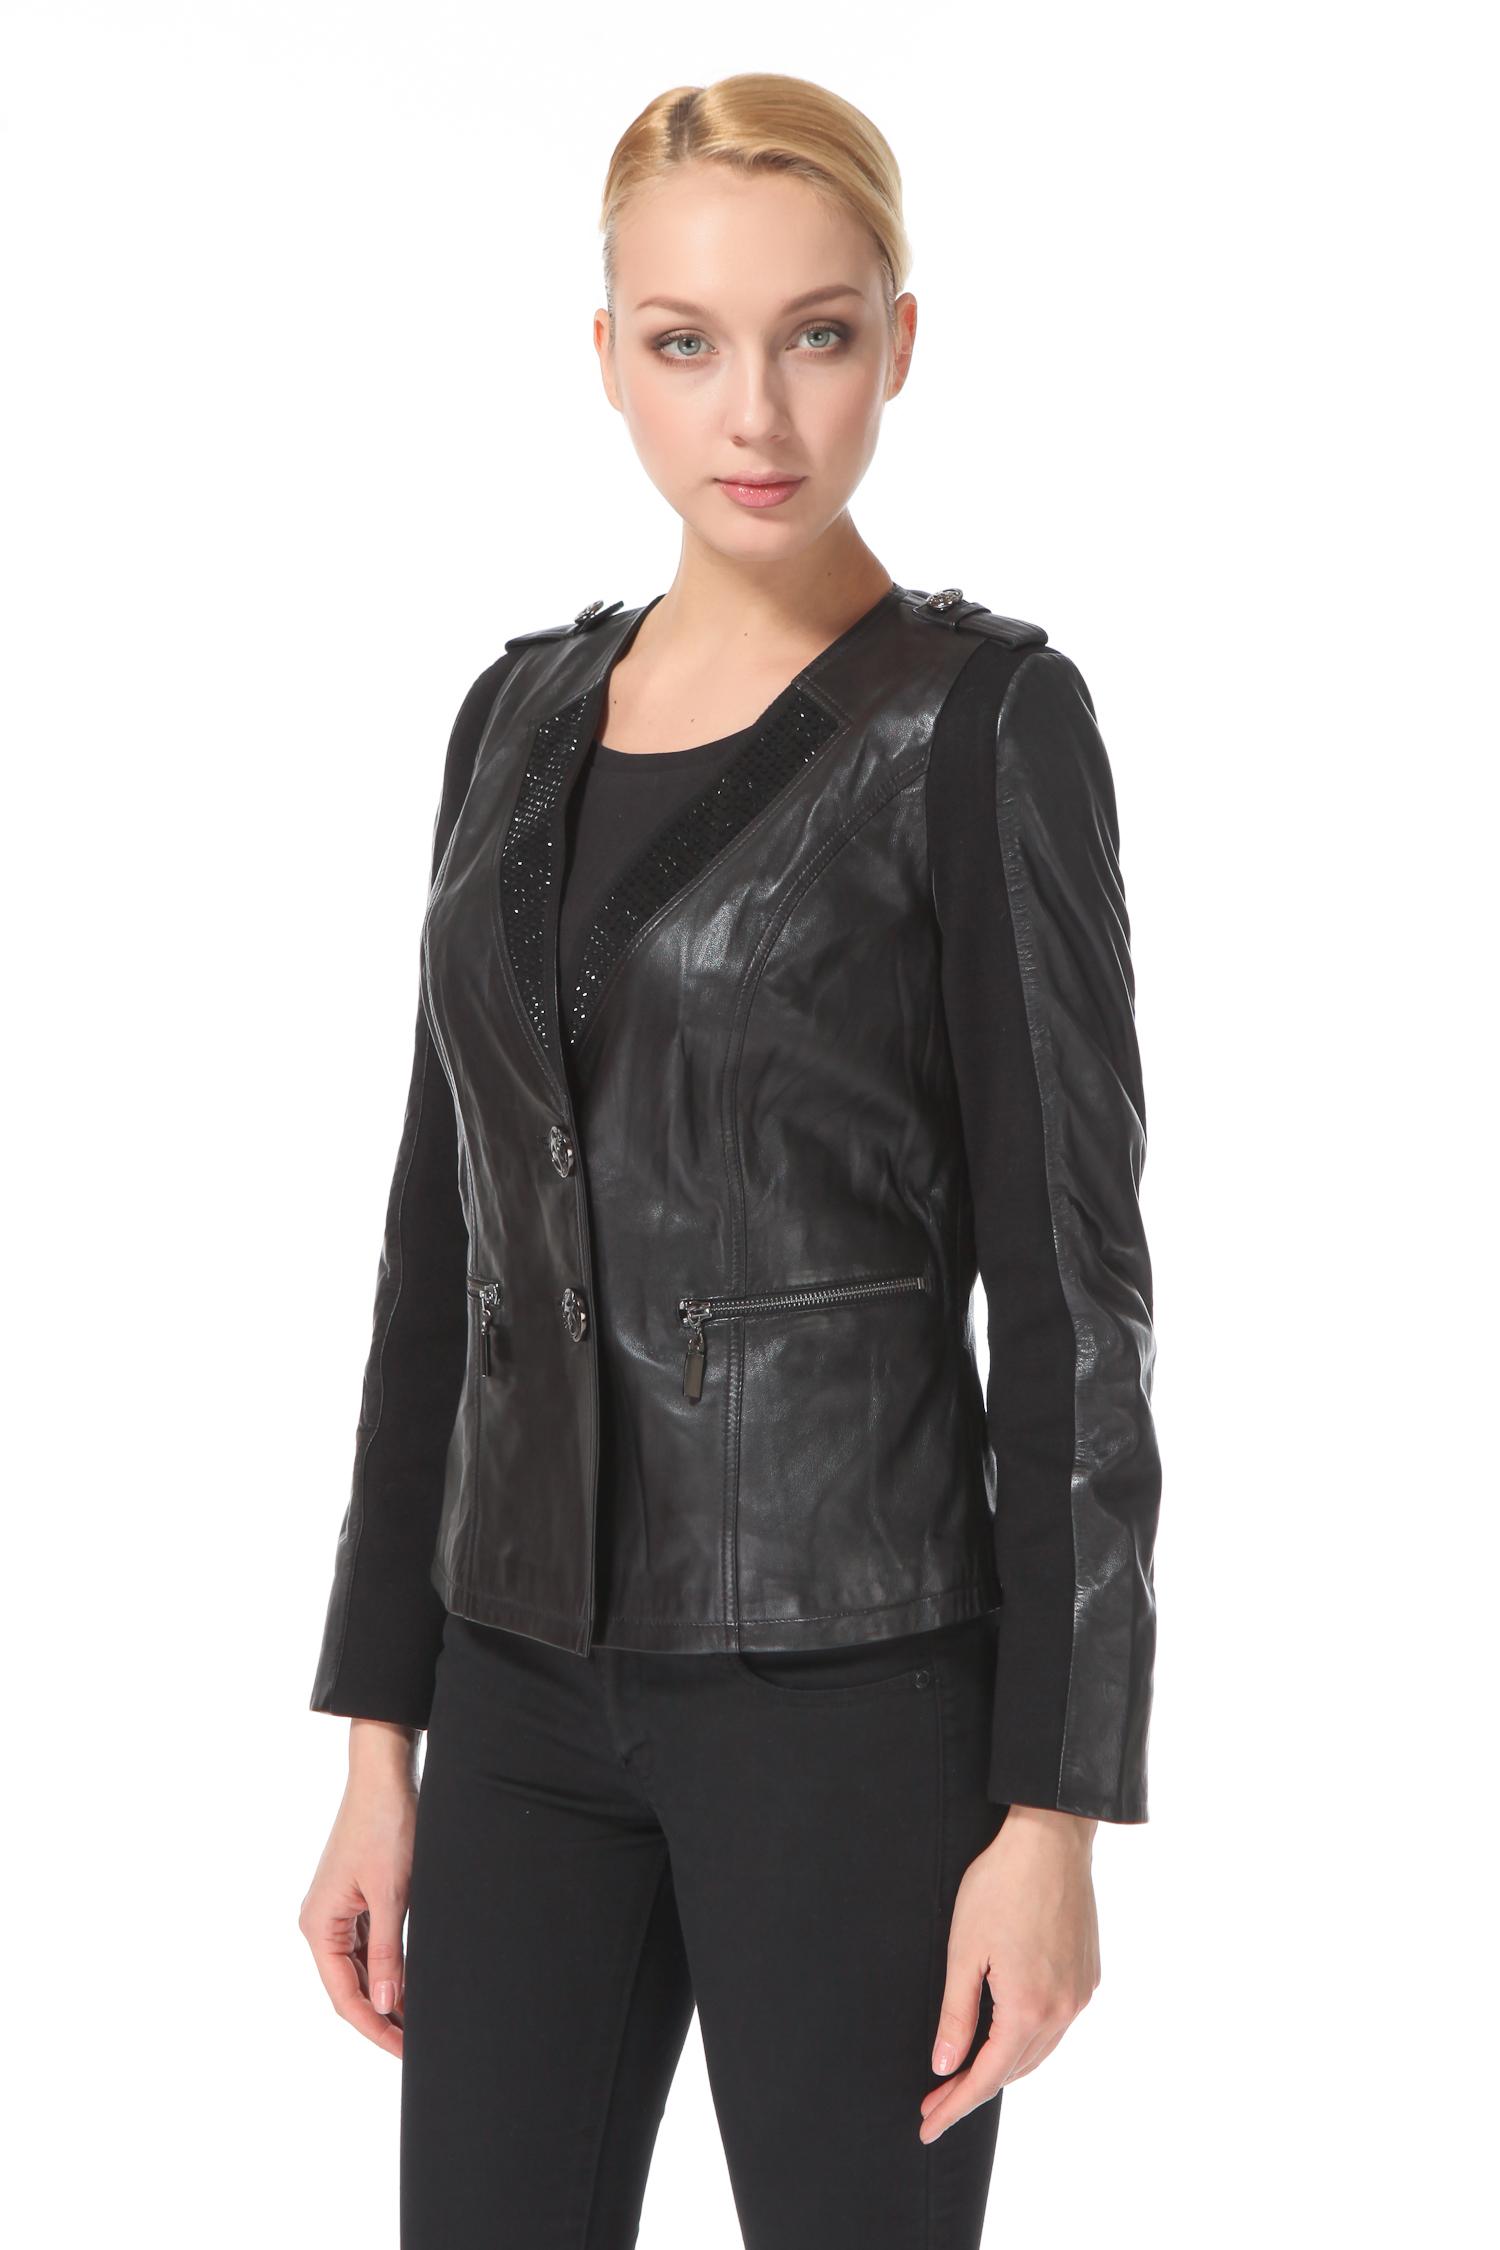 Женская кожаная куртка из натуральной кожи с воротником, без отделки<br><br>Воротник: Шаль<br>Длина см: 55<br>Материал: Натуральная кожа<br>Цвет: Черный<br>Пол: Женский